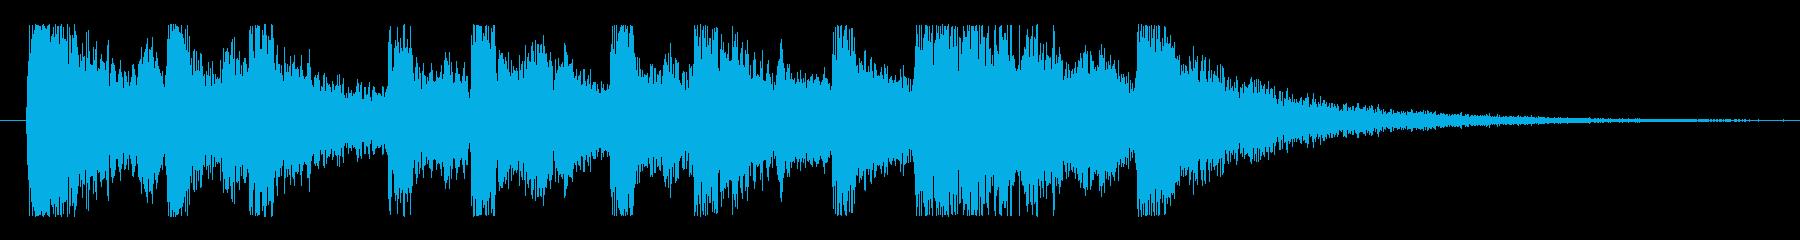 アップテンポなピアノジングルの再生済みの波形